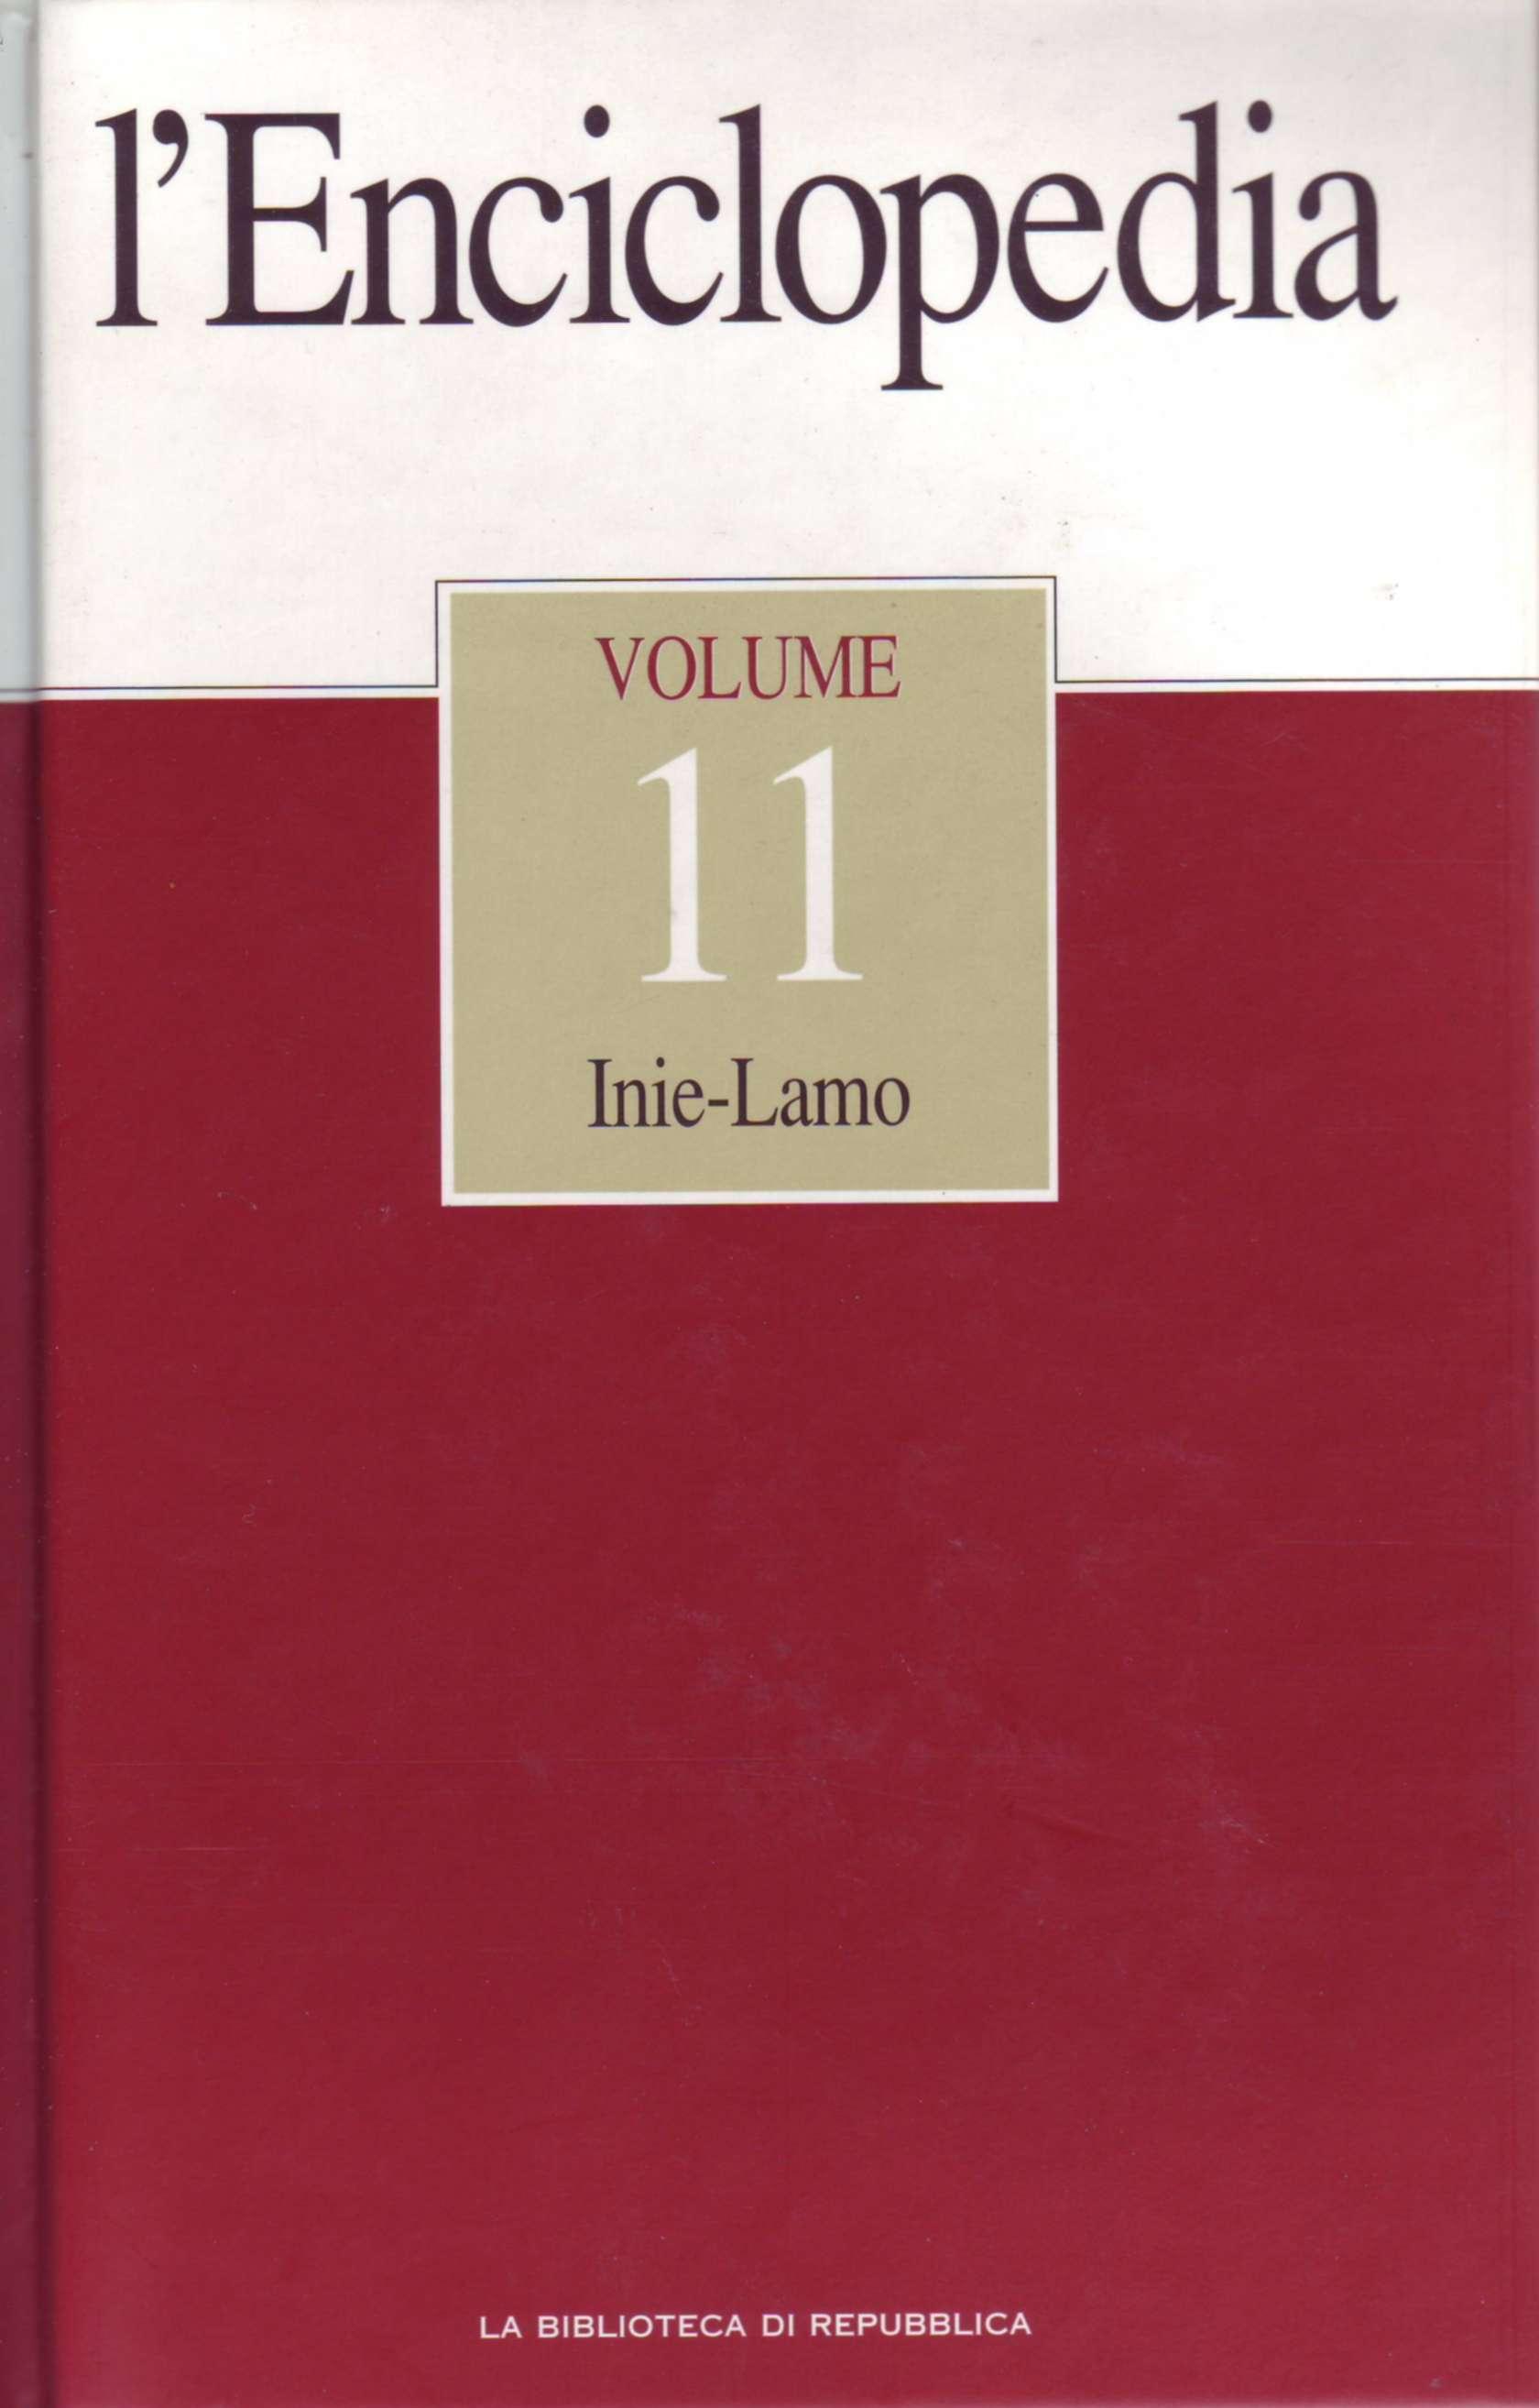 L'Enciclopedia - Vol. 11